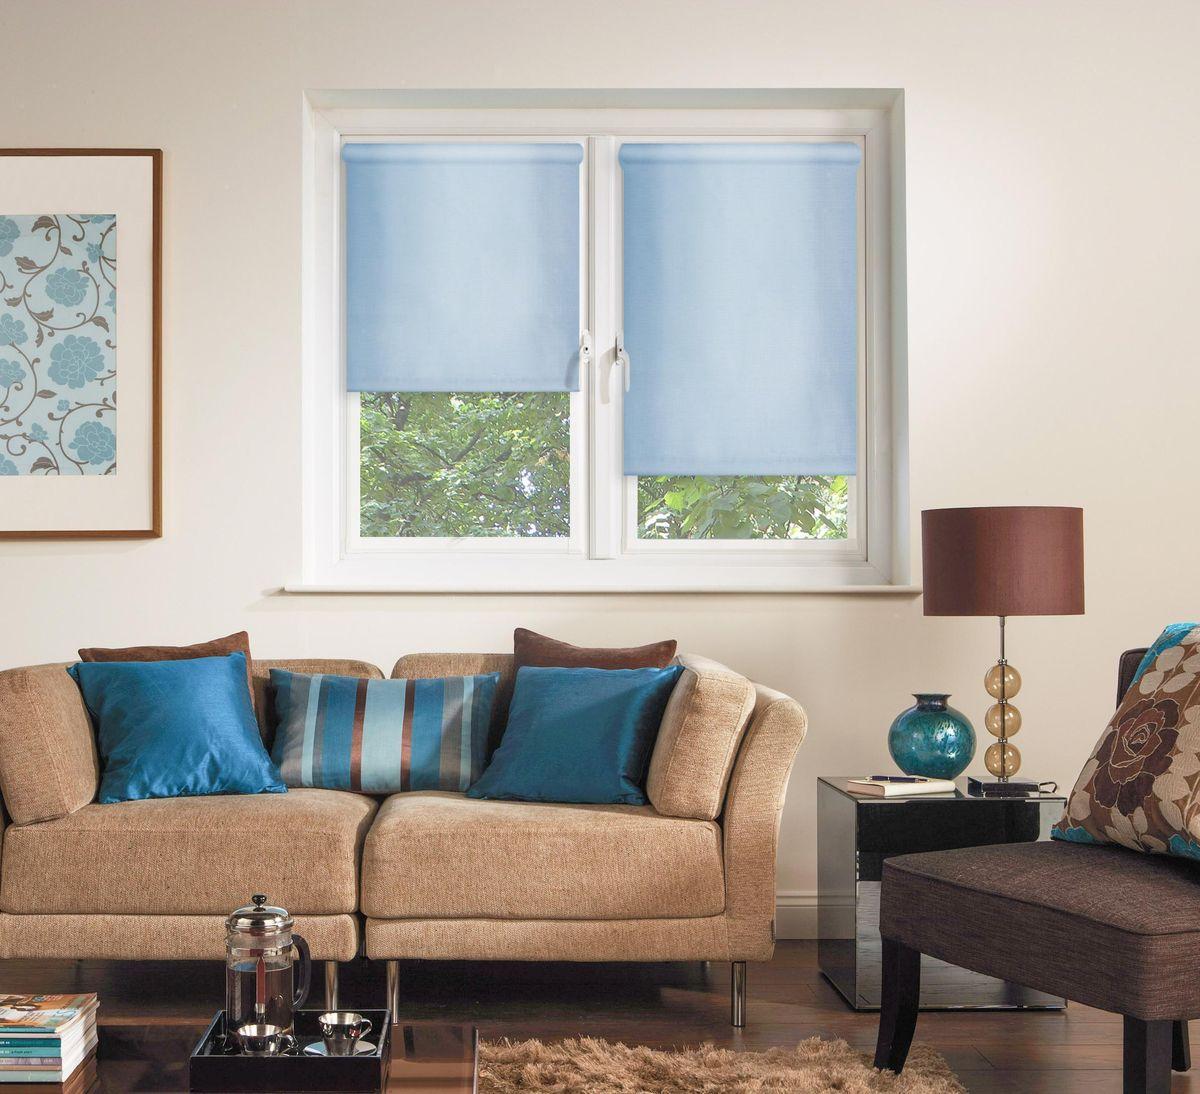 Штора рулонная Эскар Ролло. Однотонные, цвет: голубой, ширина 150 см, высота 170 см81005150170Рулонными шторами можно оформлять окна как самостоятельно, так и использовать в комбинации с портьерами. Это поможет предотвратить выгорание дорогой ткани на солнце и соединит функционал рулонных с красотой навесных.Преимущества применения рулонных штор для пластиковых окон:- имеют прекрасный внешний вид: многообразие и фактурность материала изделия отлично смотрятся в любом интерьере; - многофункциональны: есть возможность подобрать шторы способные эффективно защитить комнату от солнца, при этом о на не будет слишком темной. - Есть возможность осуществить быстрый монтаж. ВНИМАНИЕ! Размеры ширины изделия указаны по ширине ткани!Во время эксплуатации не рекомендуется полностью разматывать рулон, чтобы не оторвать ткань от намоточного вала.В случае загрязнения поверхности ткани, чистку шторы проводят одним из способов, в зависимости от типа загрязнения: легкое поверхностное загрязнение можно удалить при помощи канцелярского ластика; чистка от пыли производится сухим методом при помощи пылесоса с мягкой щеткой-насадкой; для удаления пятна используйте мягкую губку с пенообразующим неагрессивным моющим средством или пятновыводитель на натуральной основе (нельзя применять растворители).